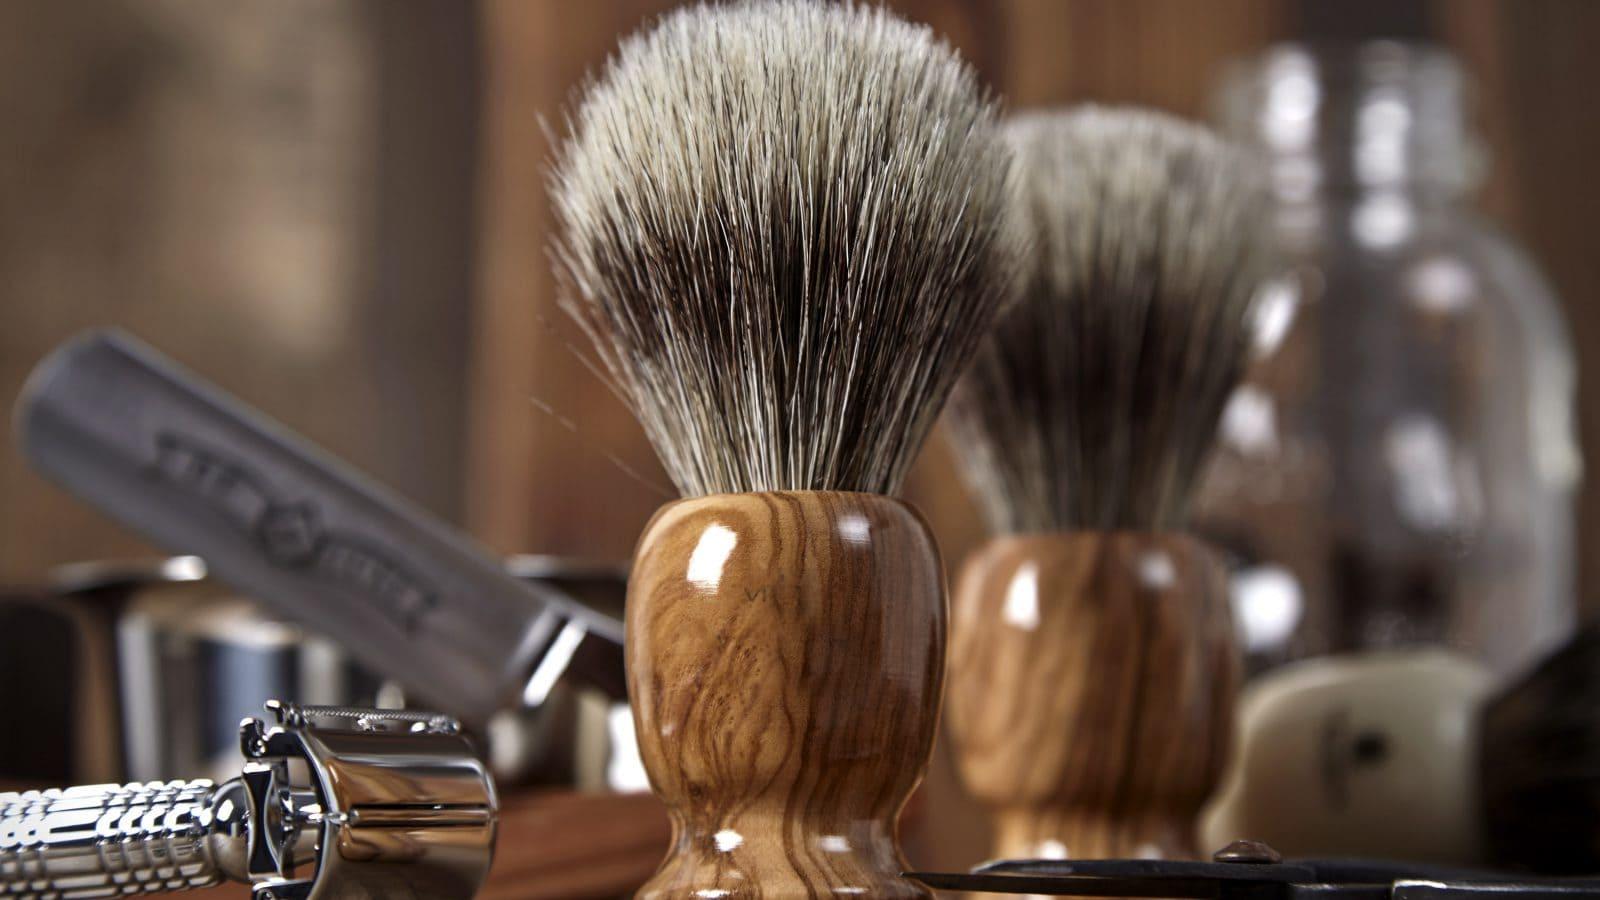 Fabricante brochas Vielong. Fábrica de brochas de afeitar. Brochas para barbero